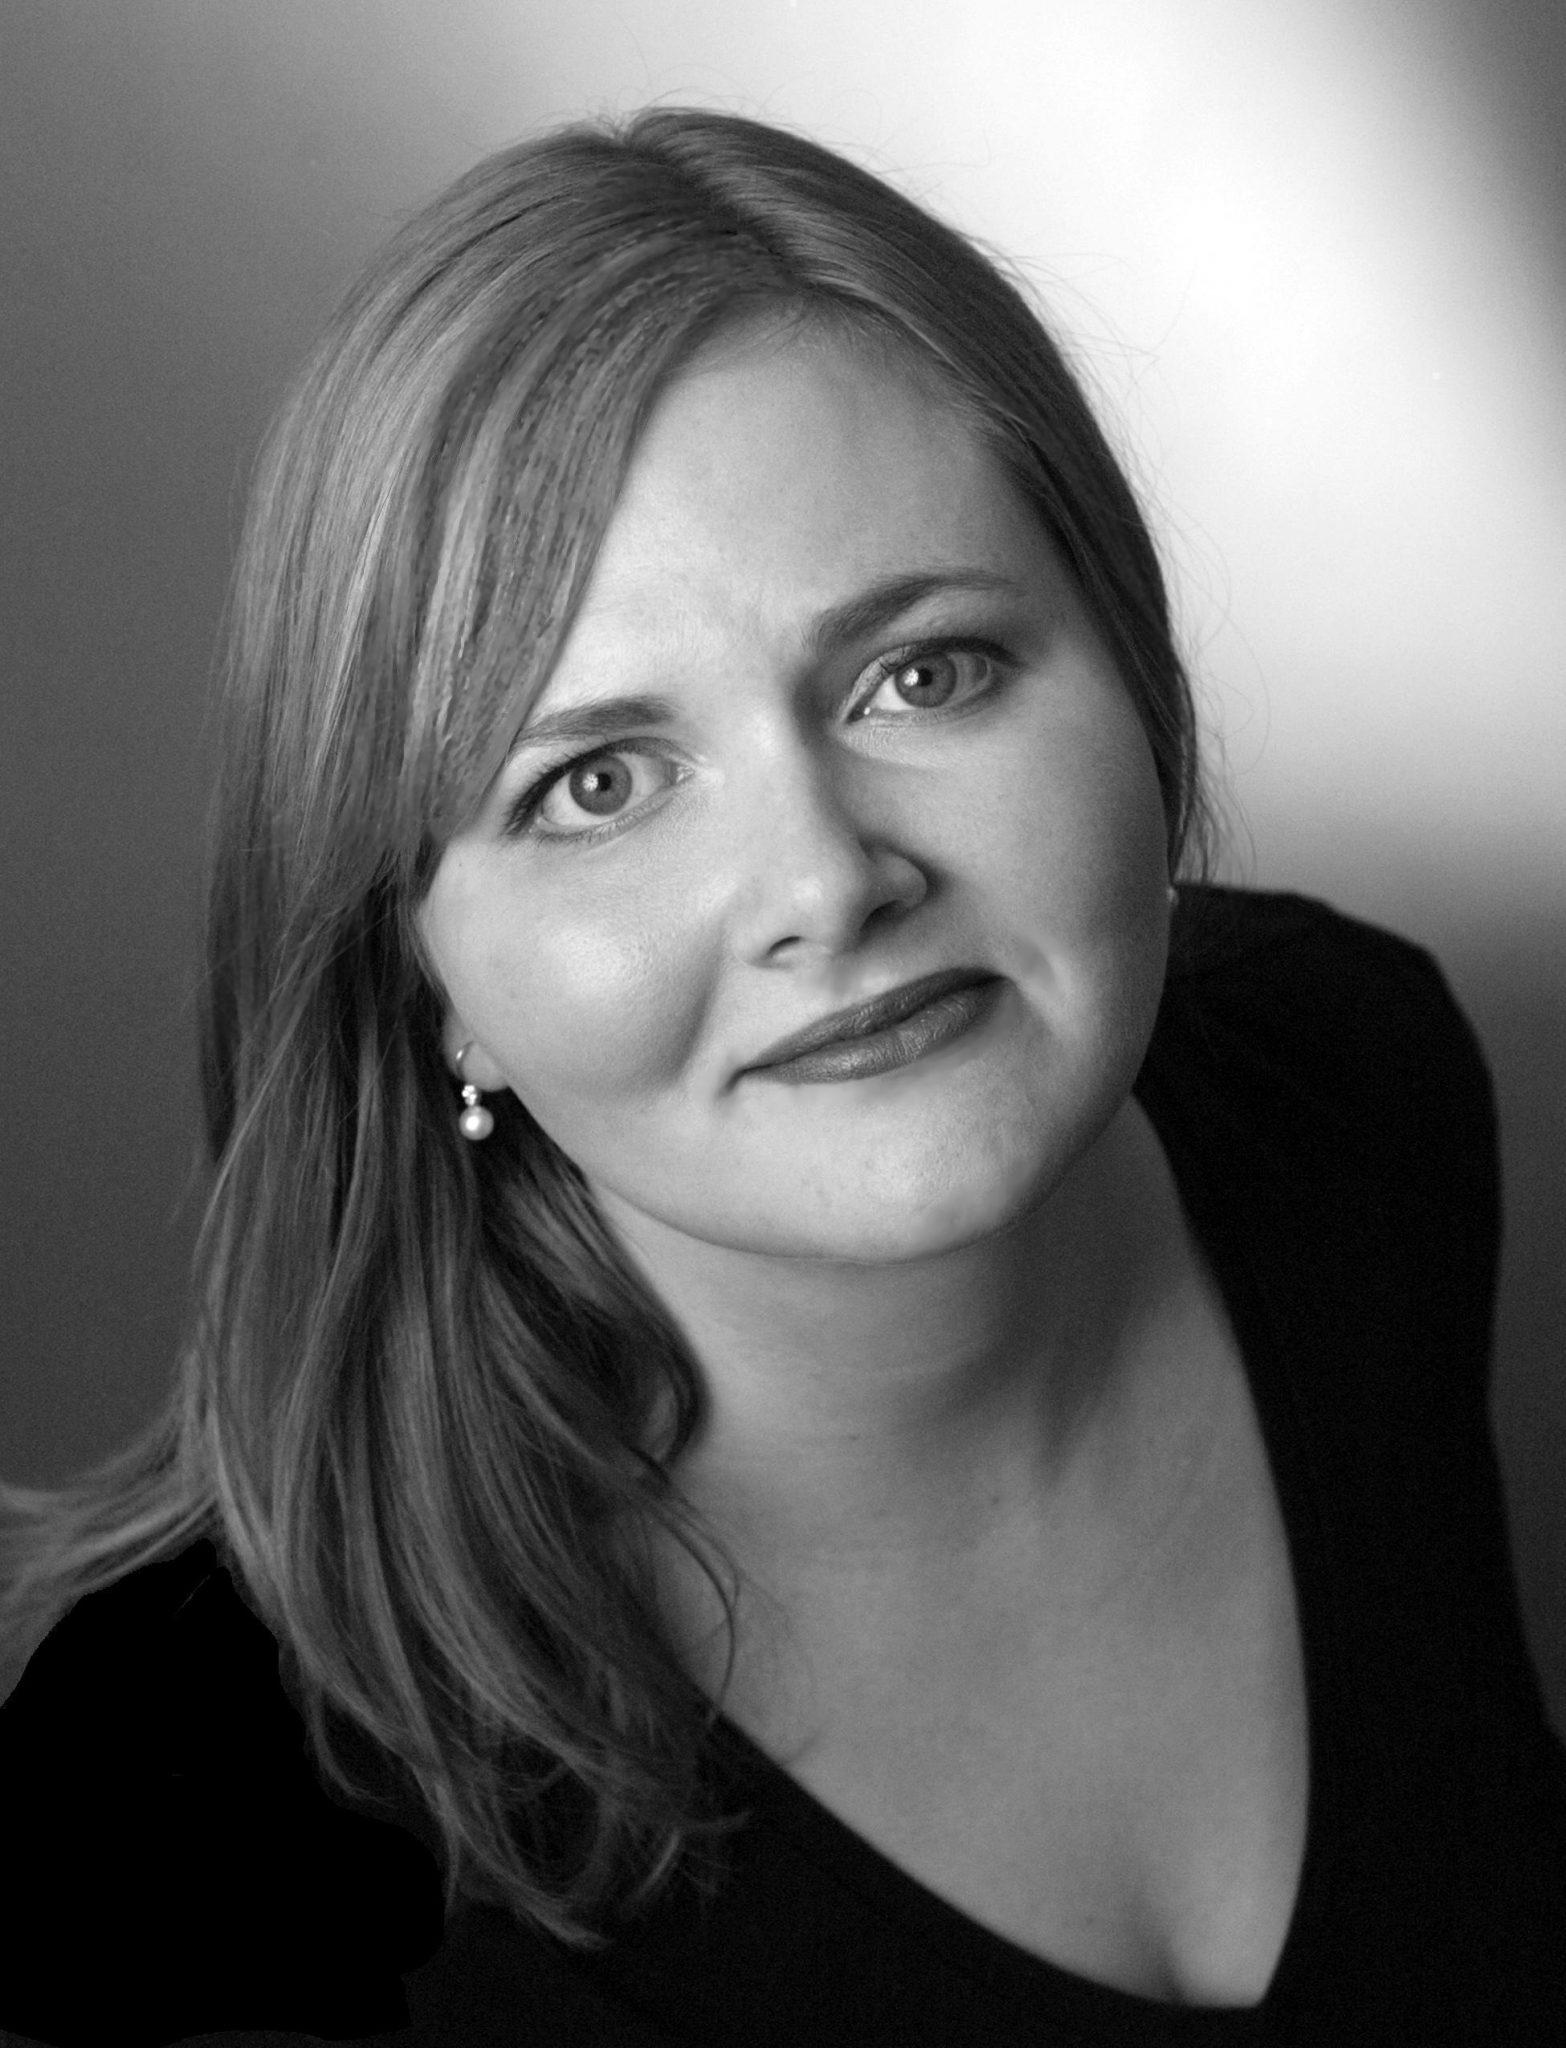 Debra Hillabrand, Mezzo-Soprano